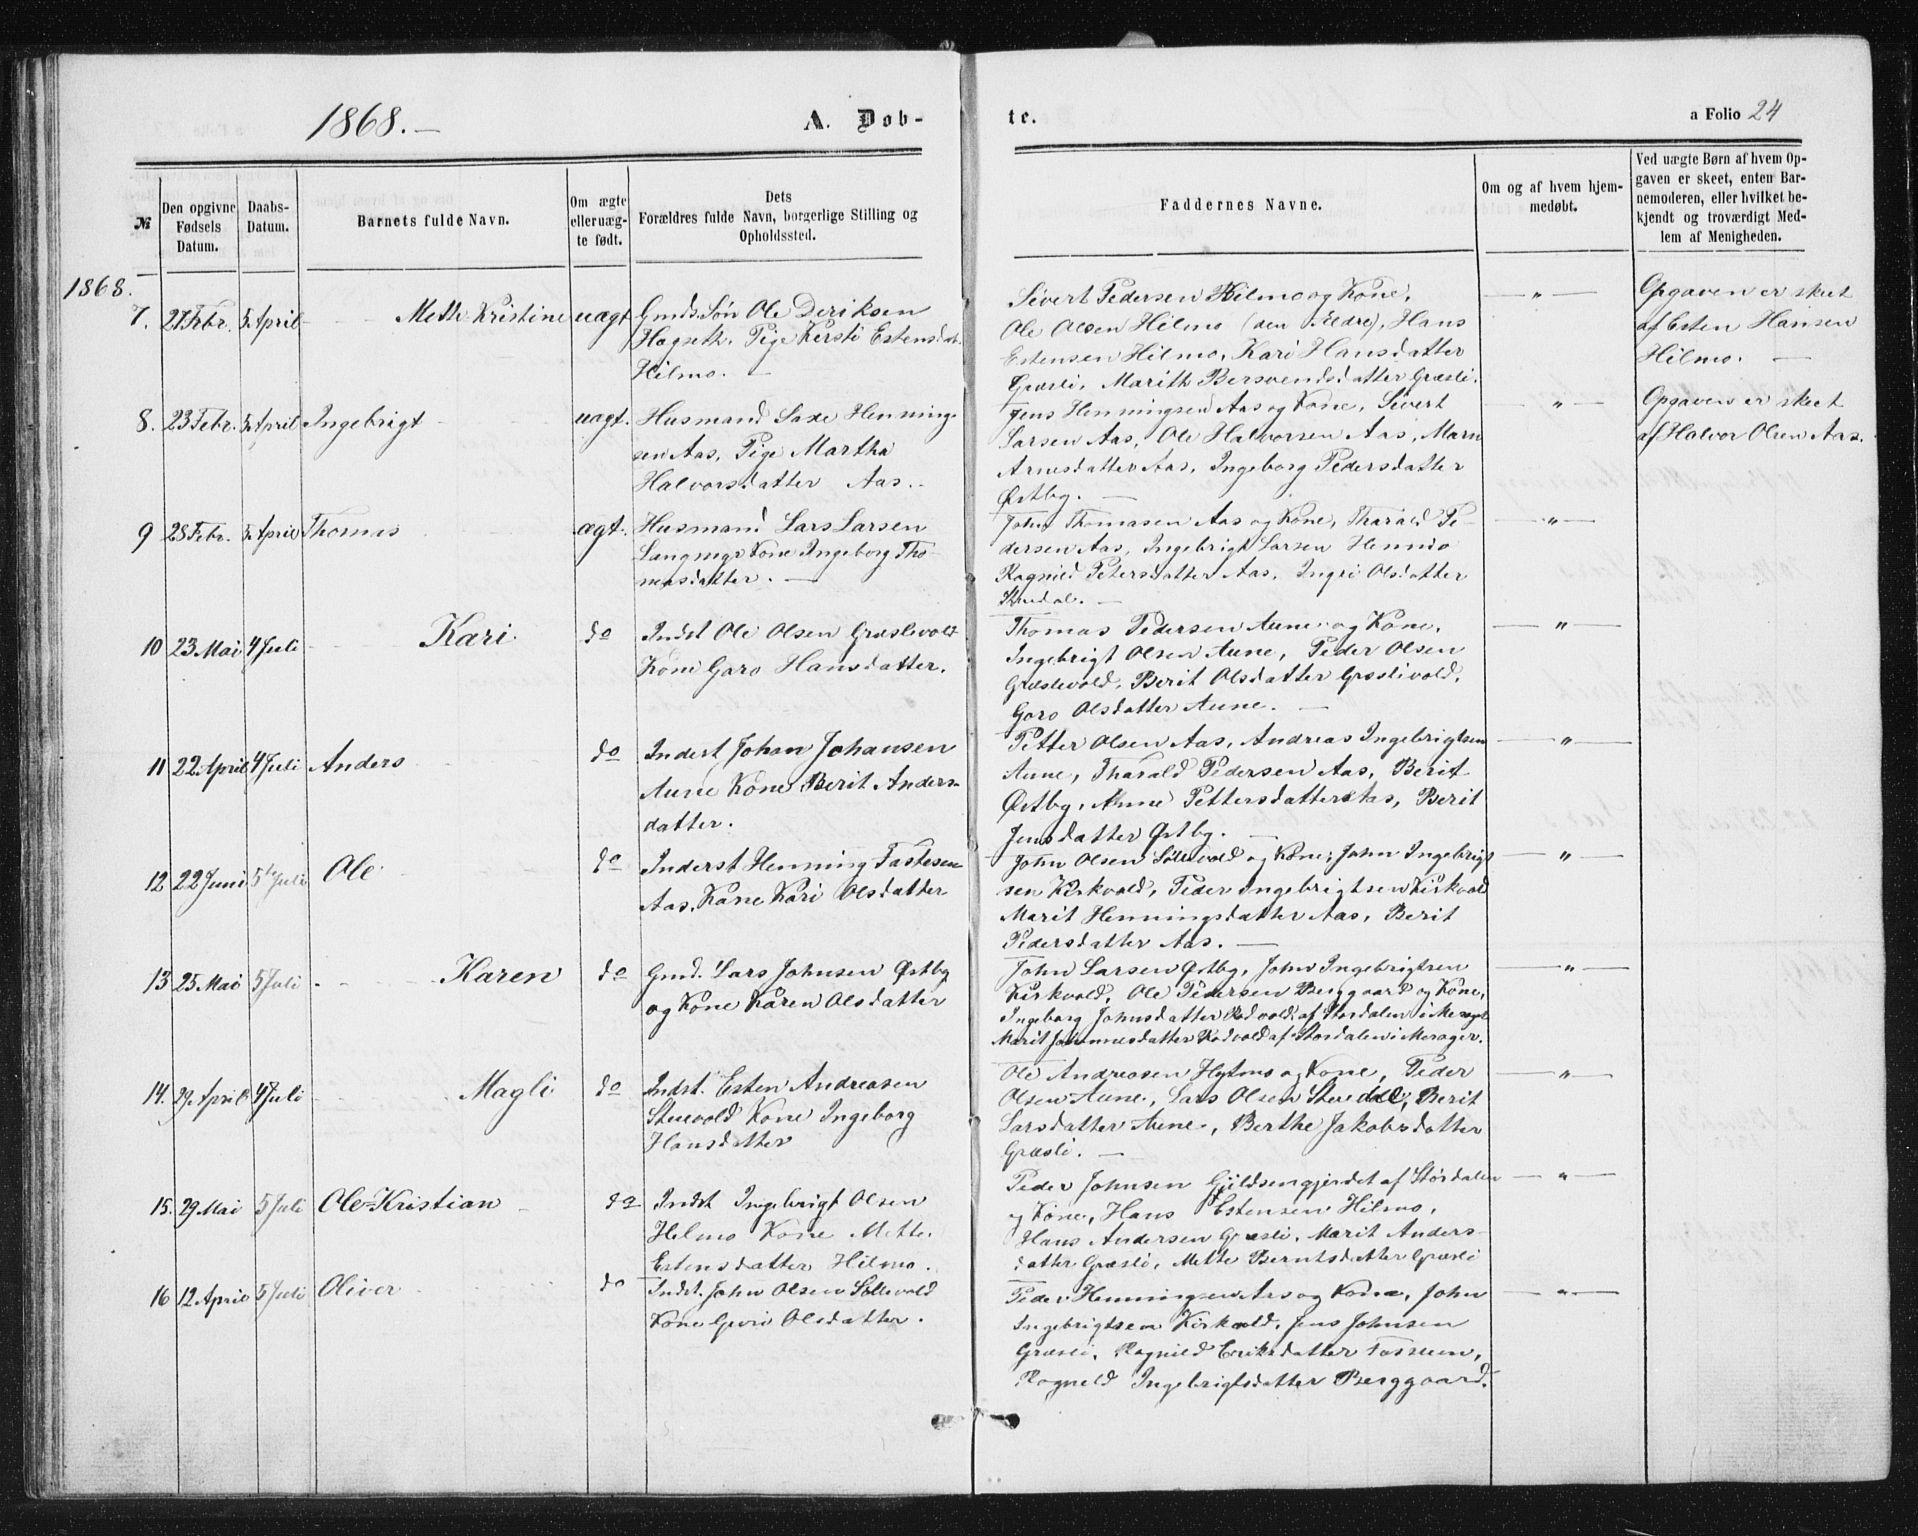 SAT, Ministerialprotokoller, klokkerbøker og fødselsregistre - Sør-Trøndelag, 698/L1166: Klokkerbok nr. 698C03, 1861-1887, s. 24